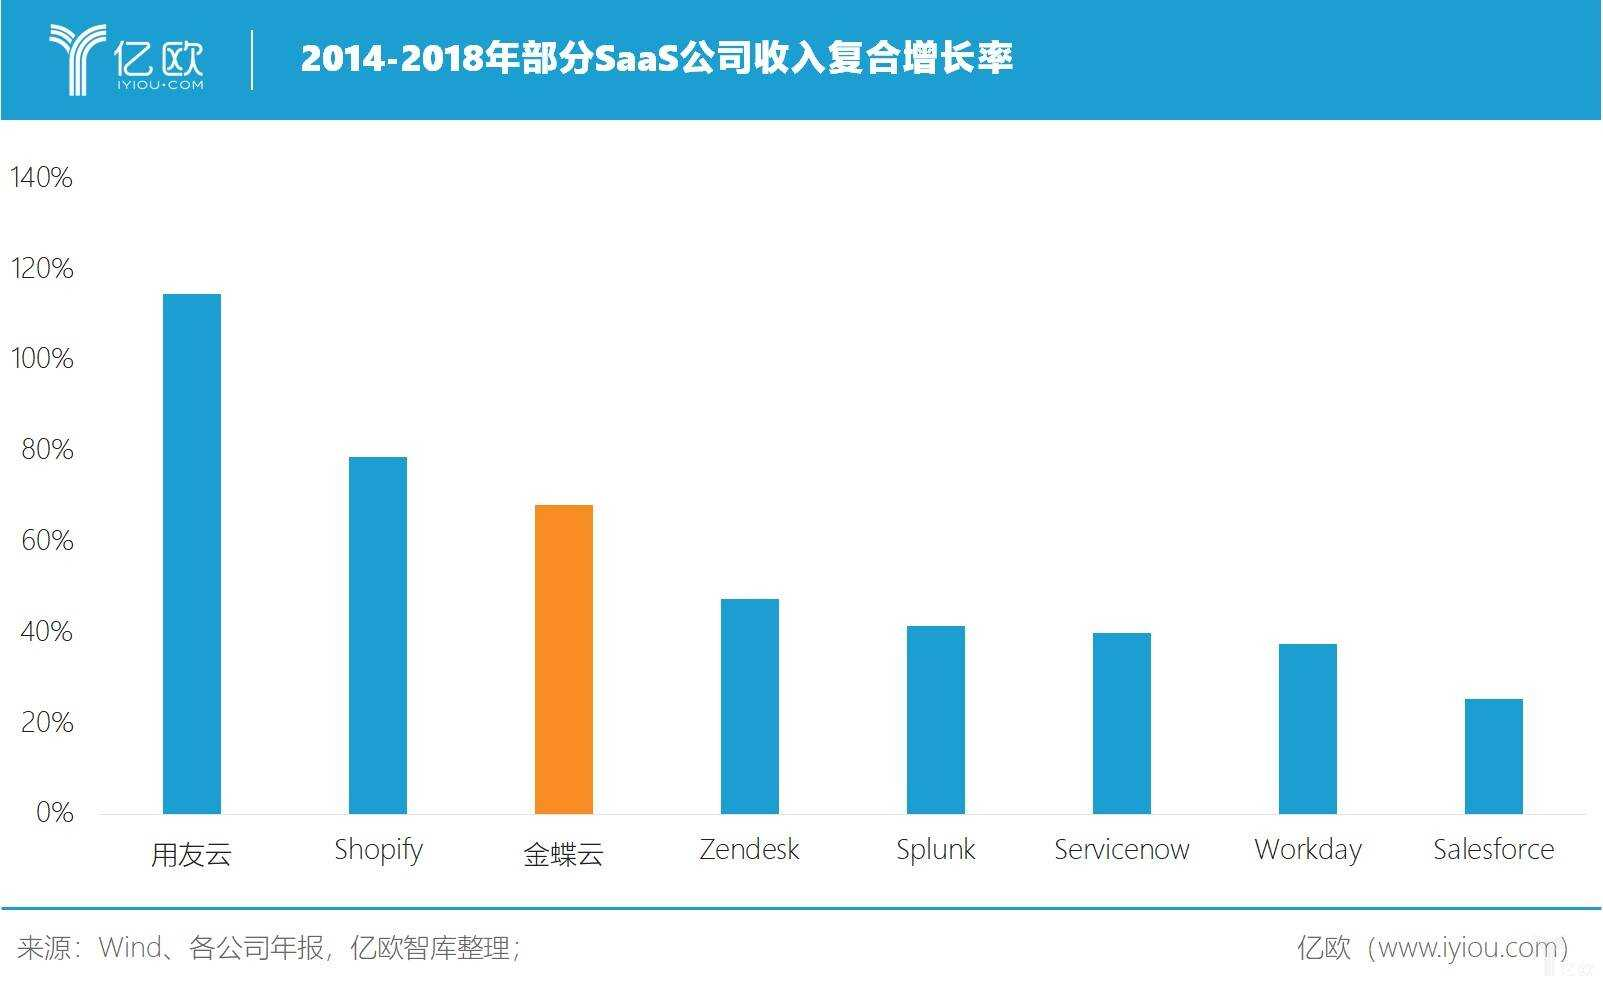 亿欧智库:部分 SaaS 公司收入复合增长率